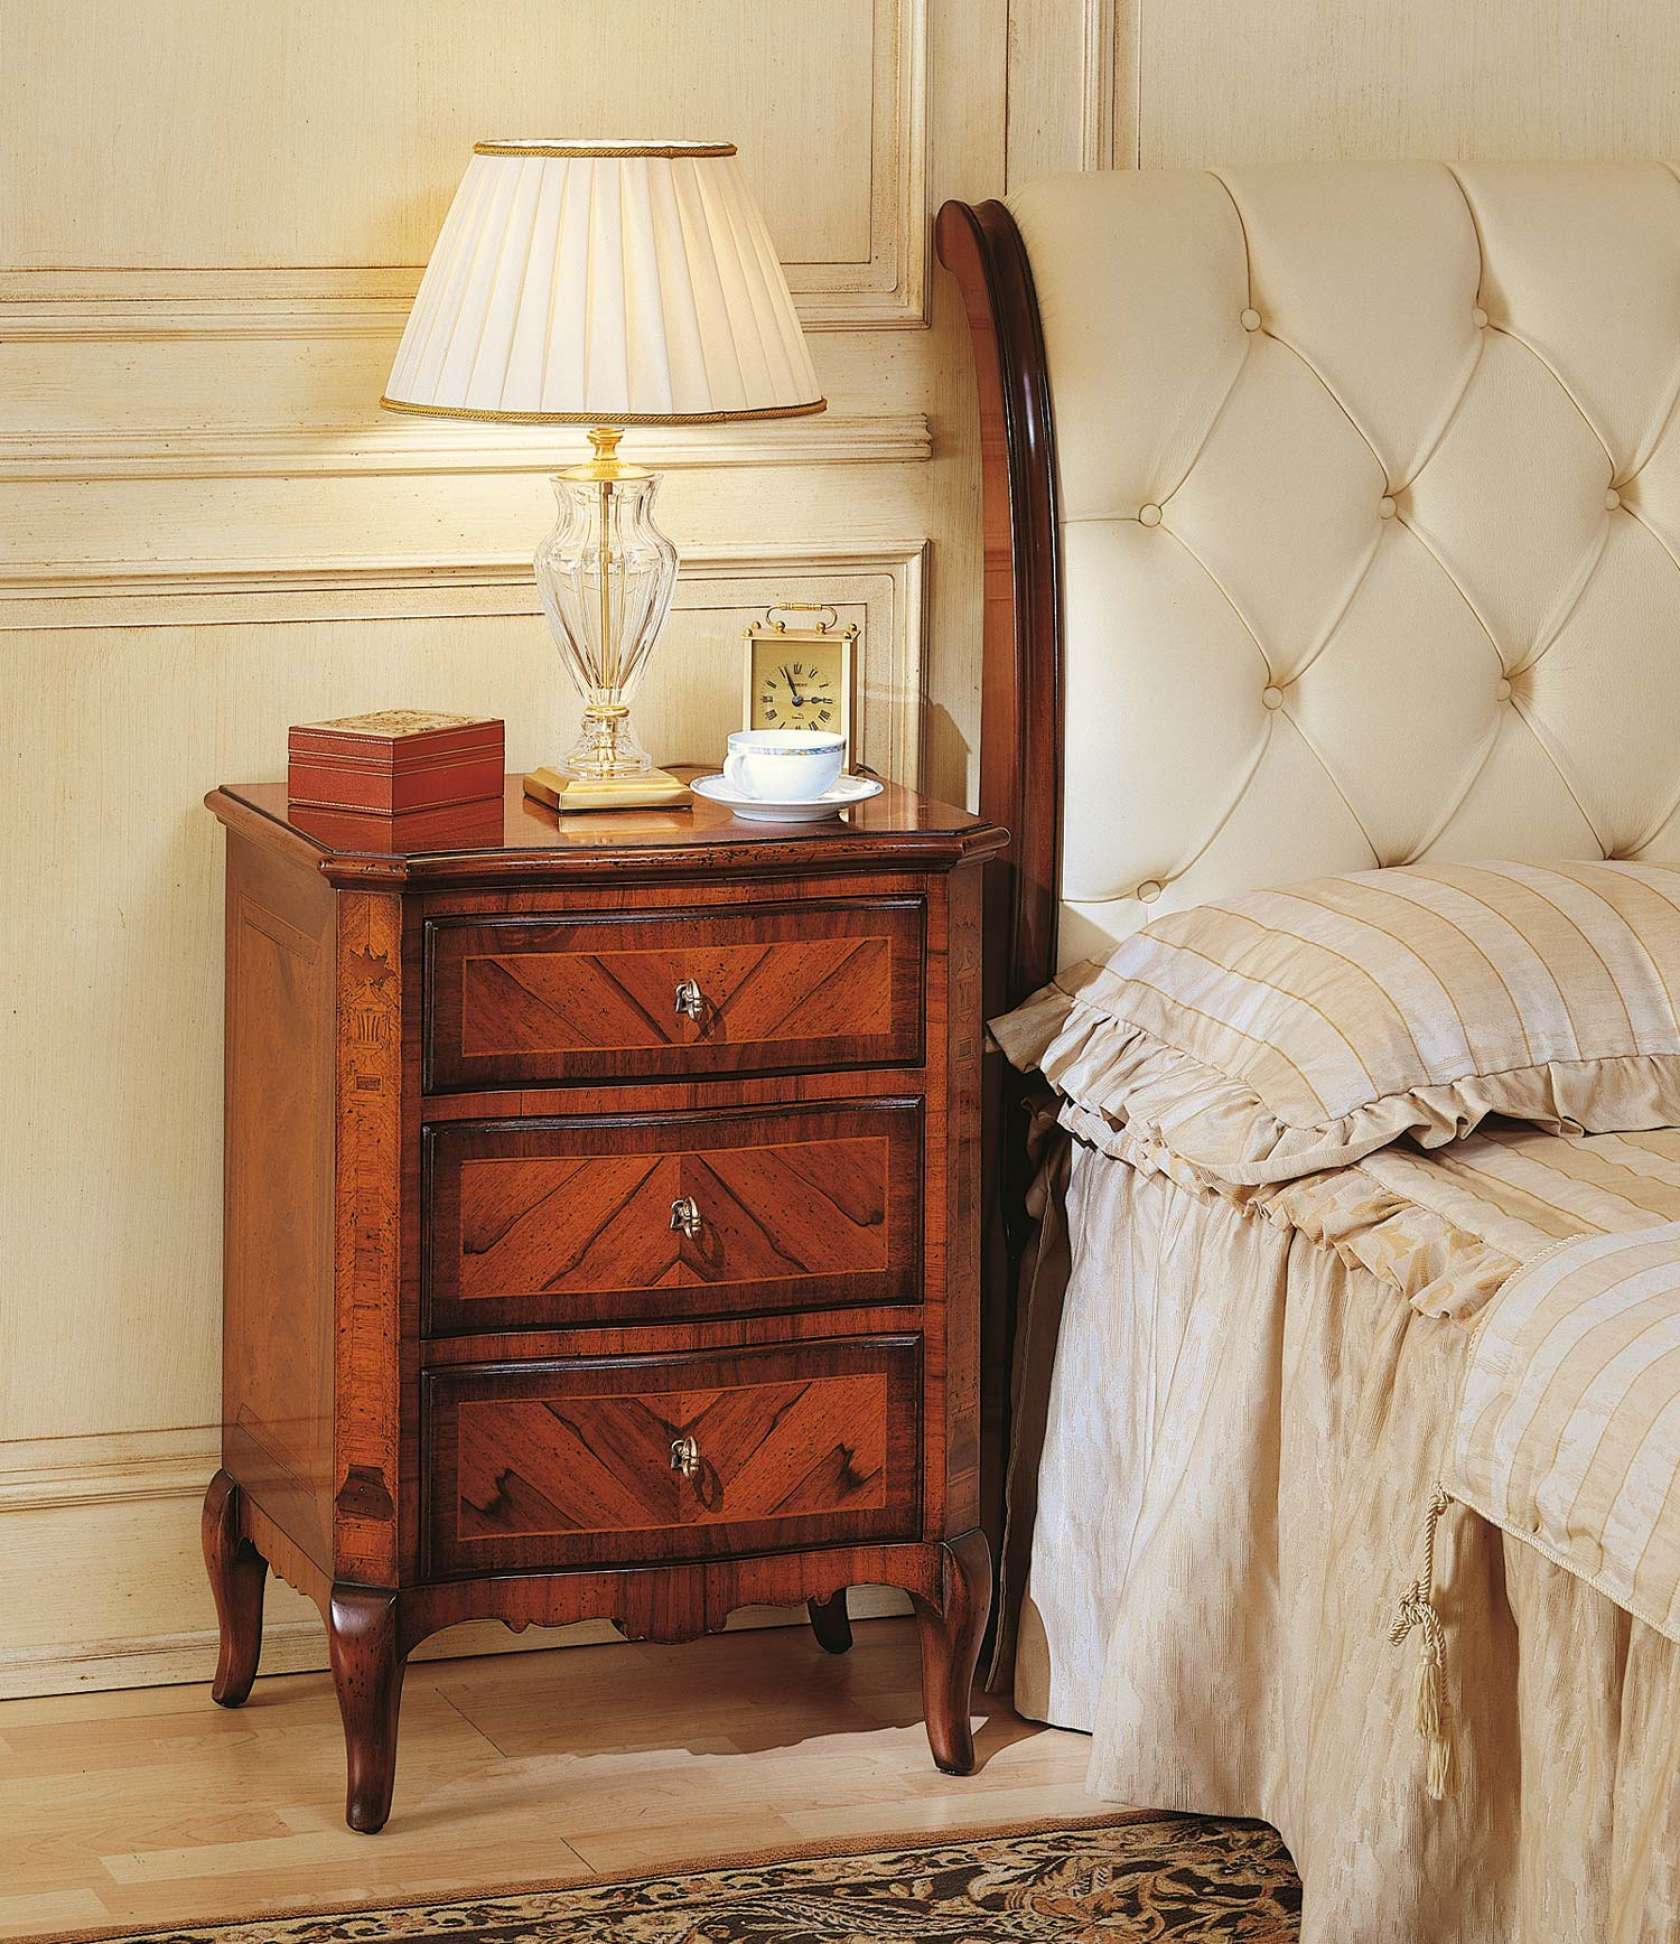 Camera da letto 800 francese comodino in noce vimercati - Camera da letto in francese ...